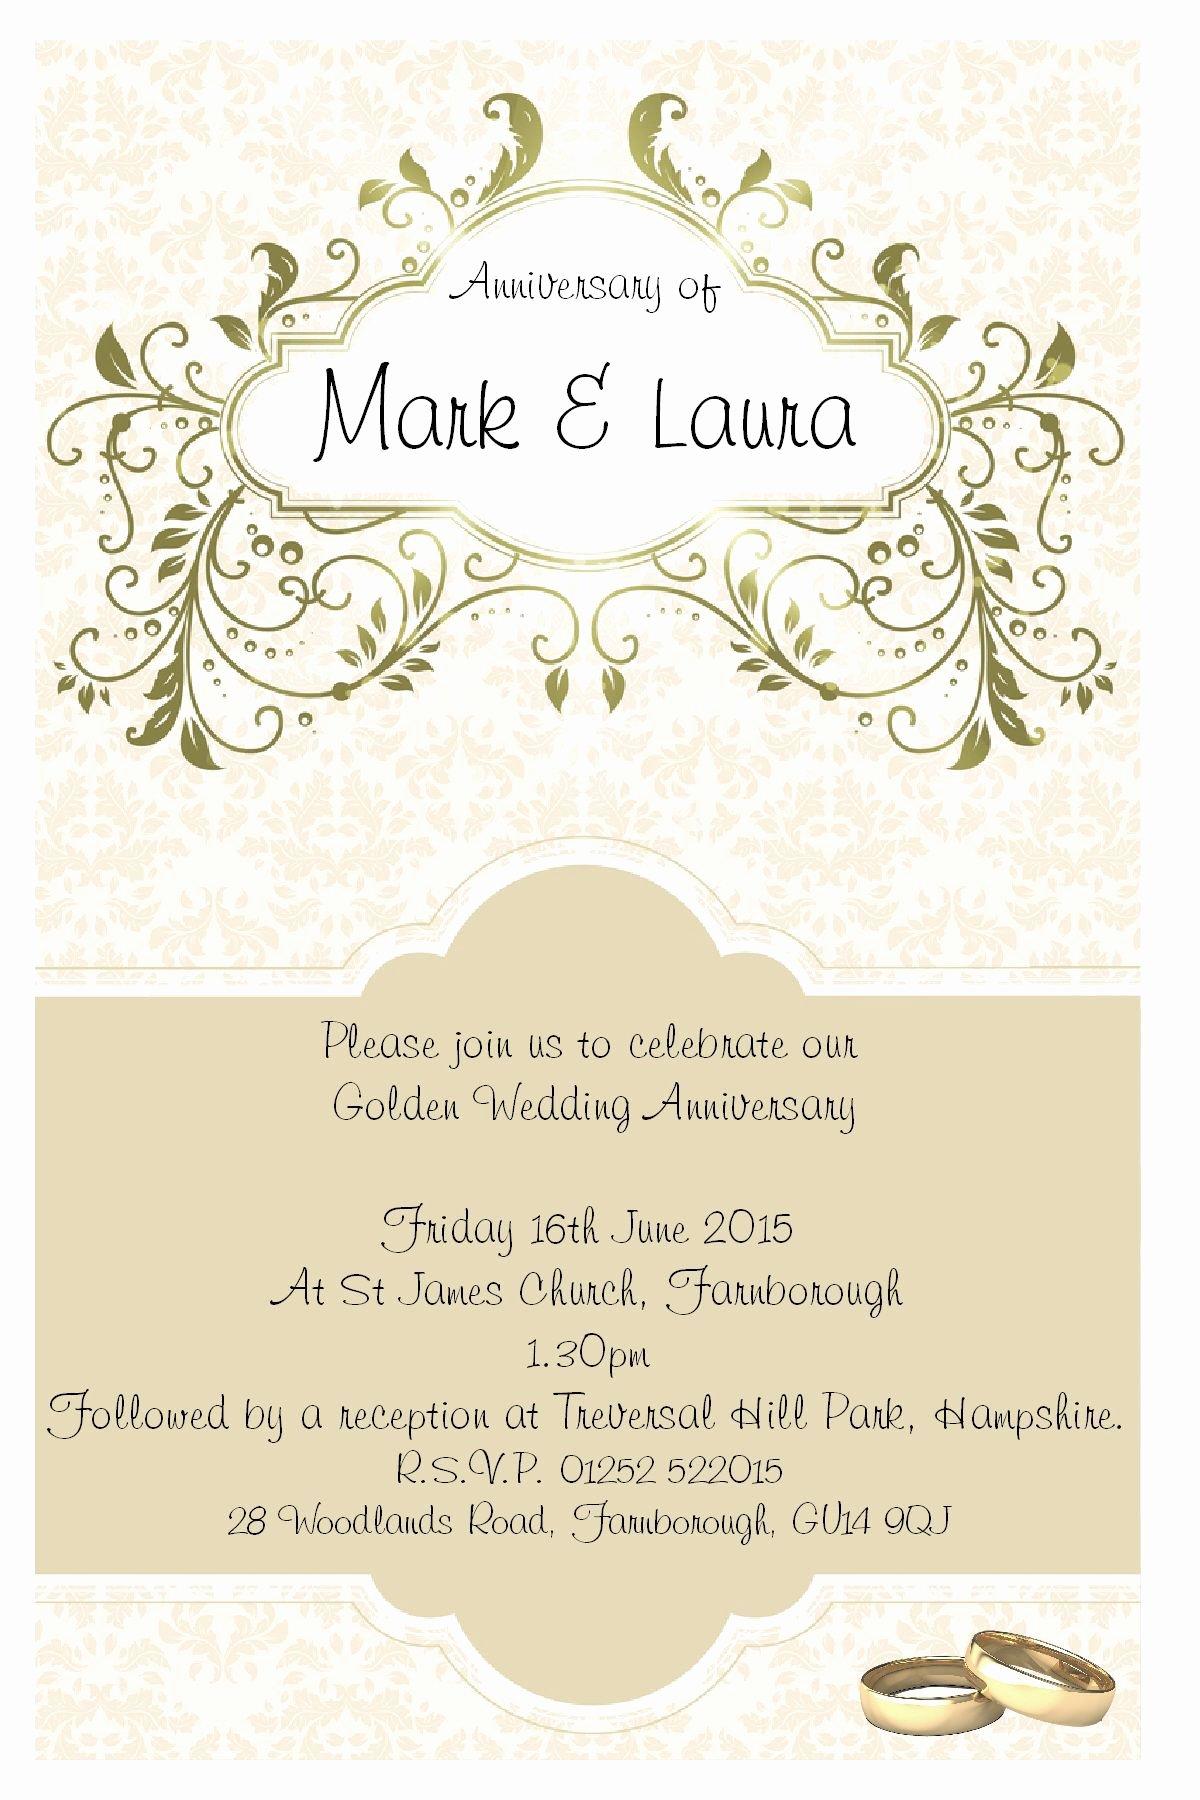 Wedding Anniversary Invite Template Unique Anniversary Invitations Ideas Anniversary Party